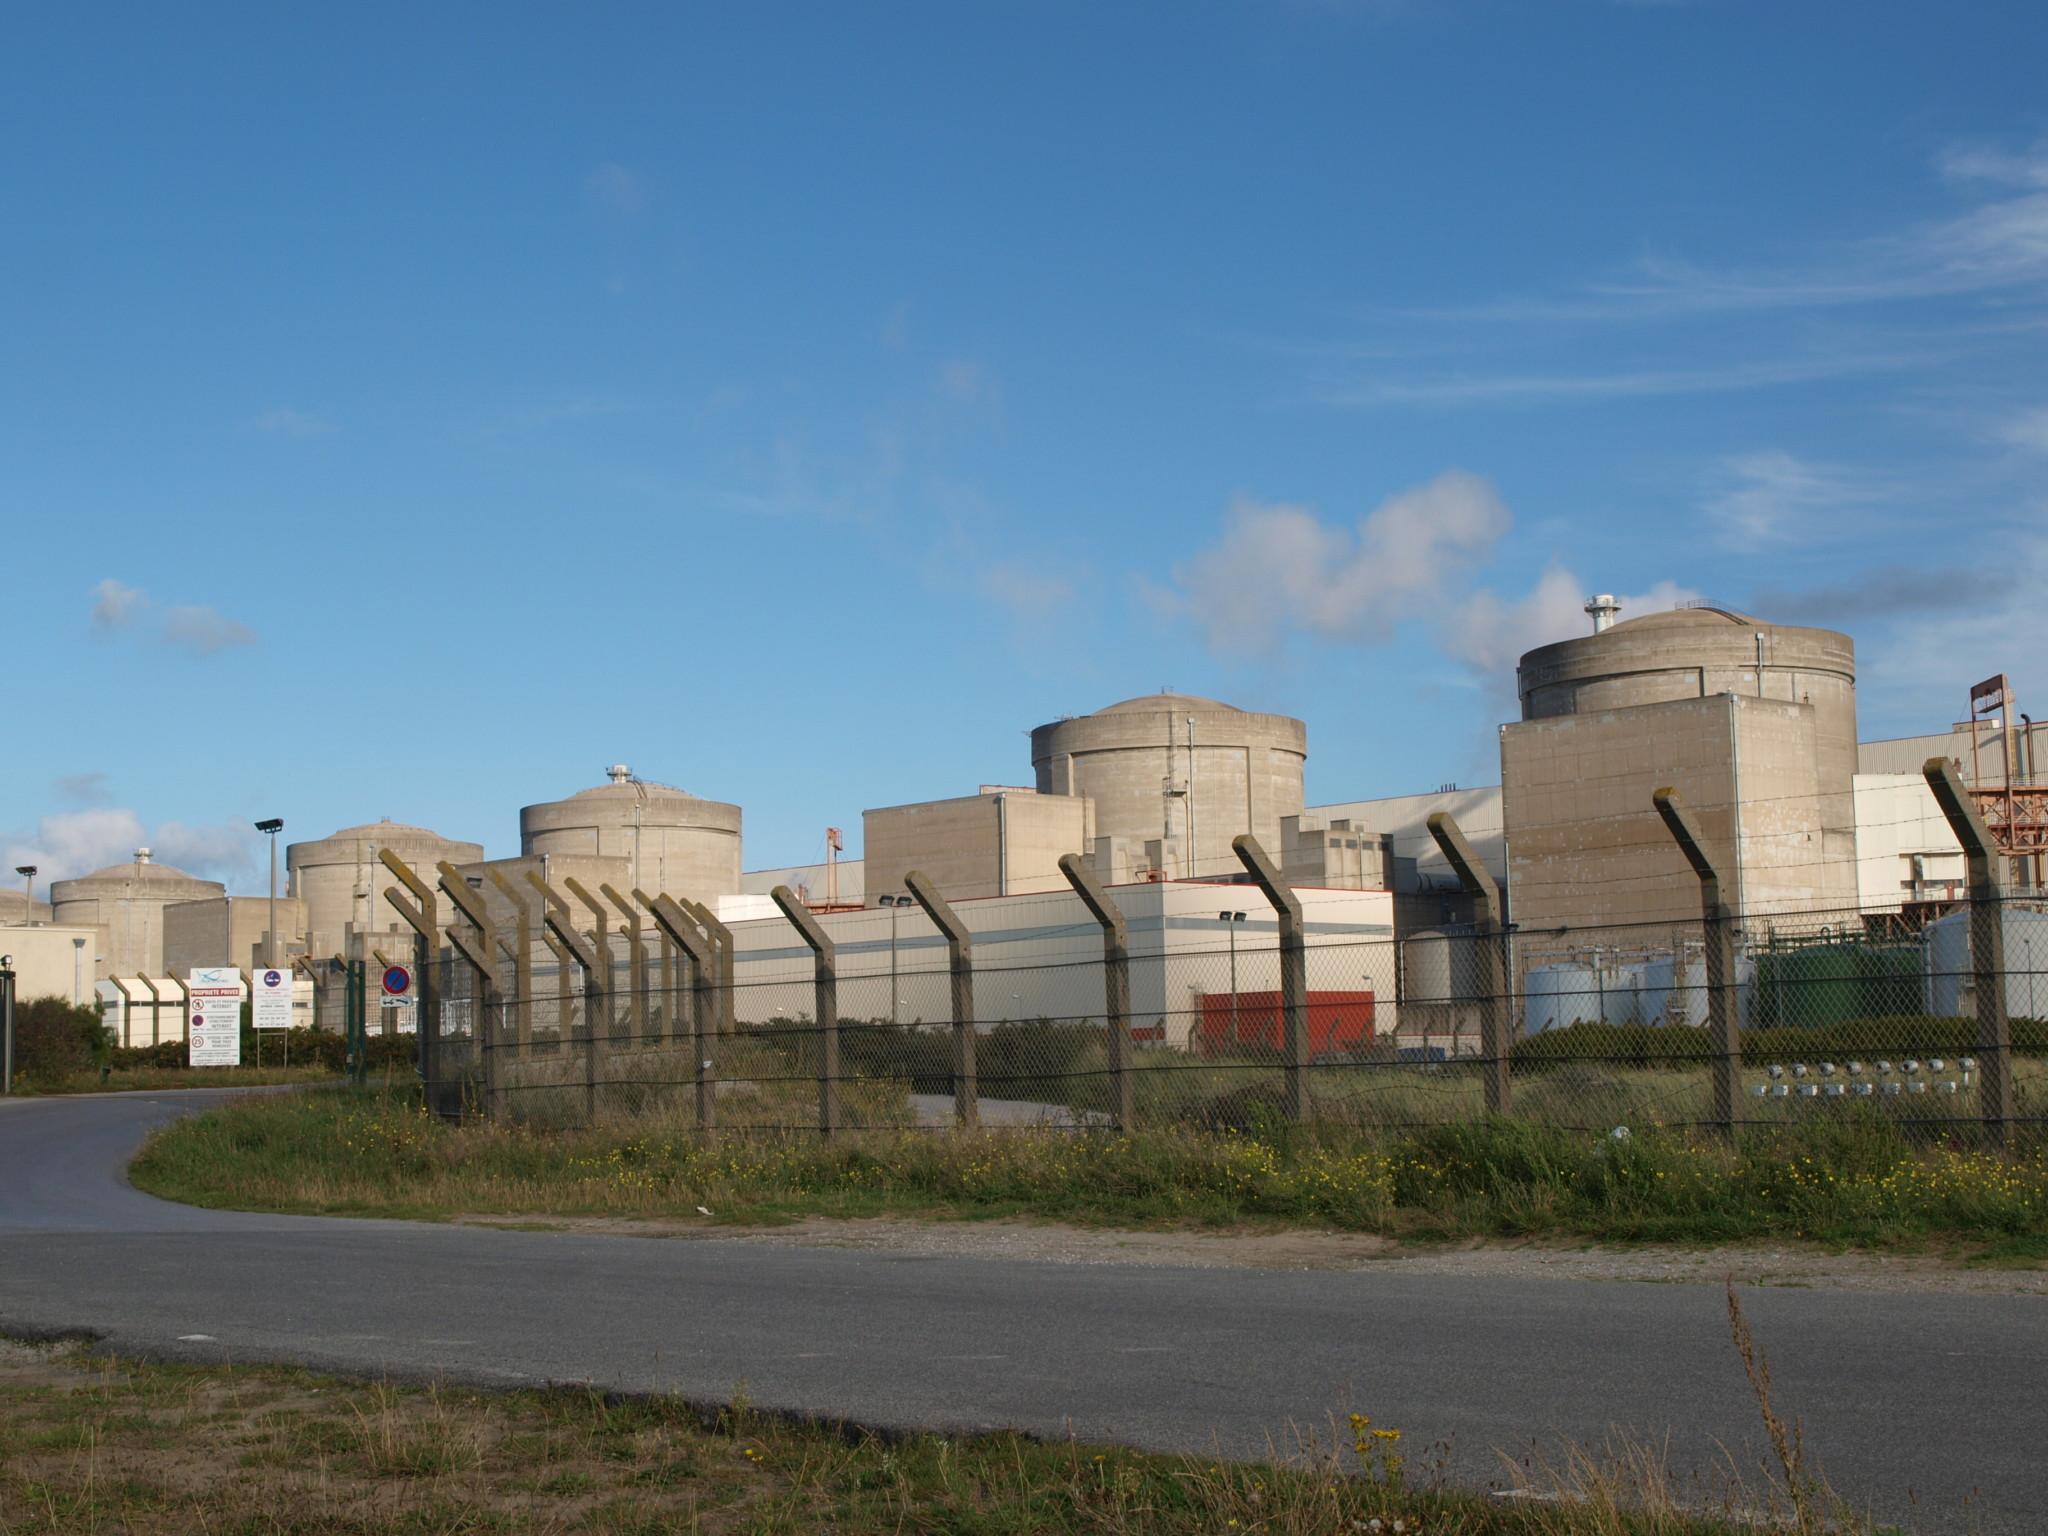 nucleaire edf sites possibles nouveaux epr - L'Energeek